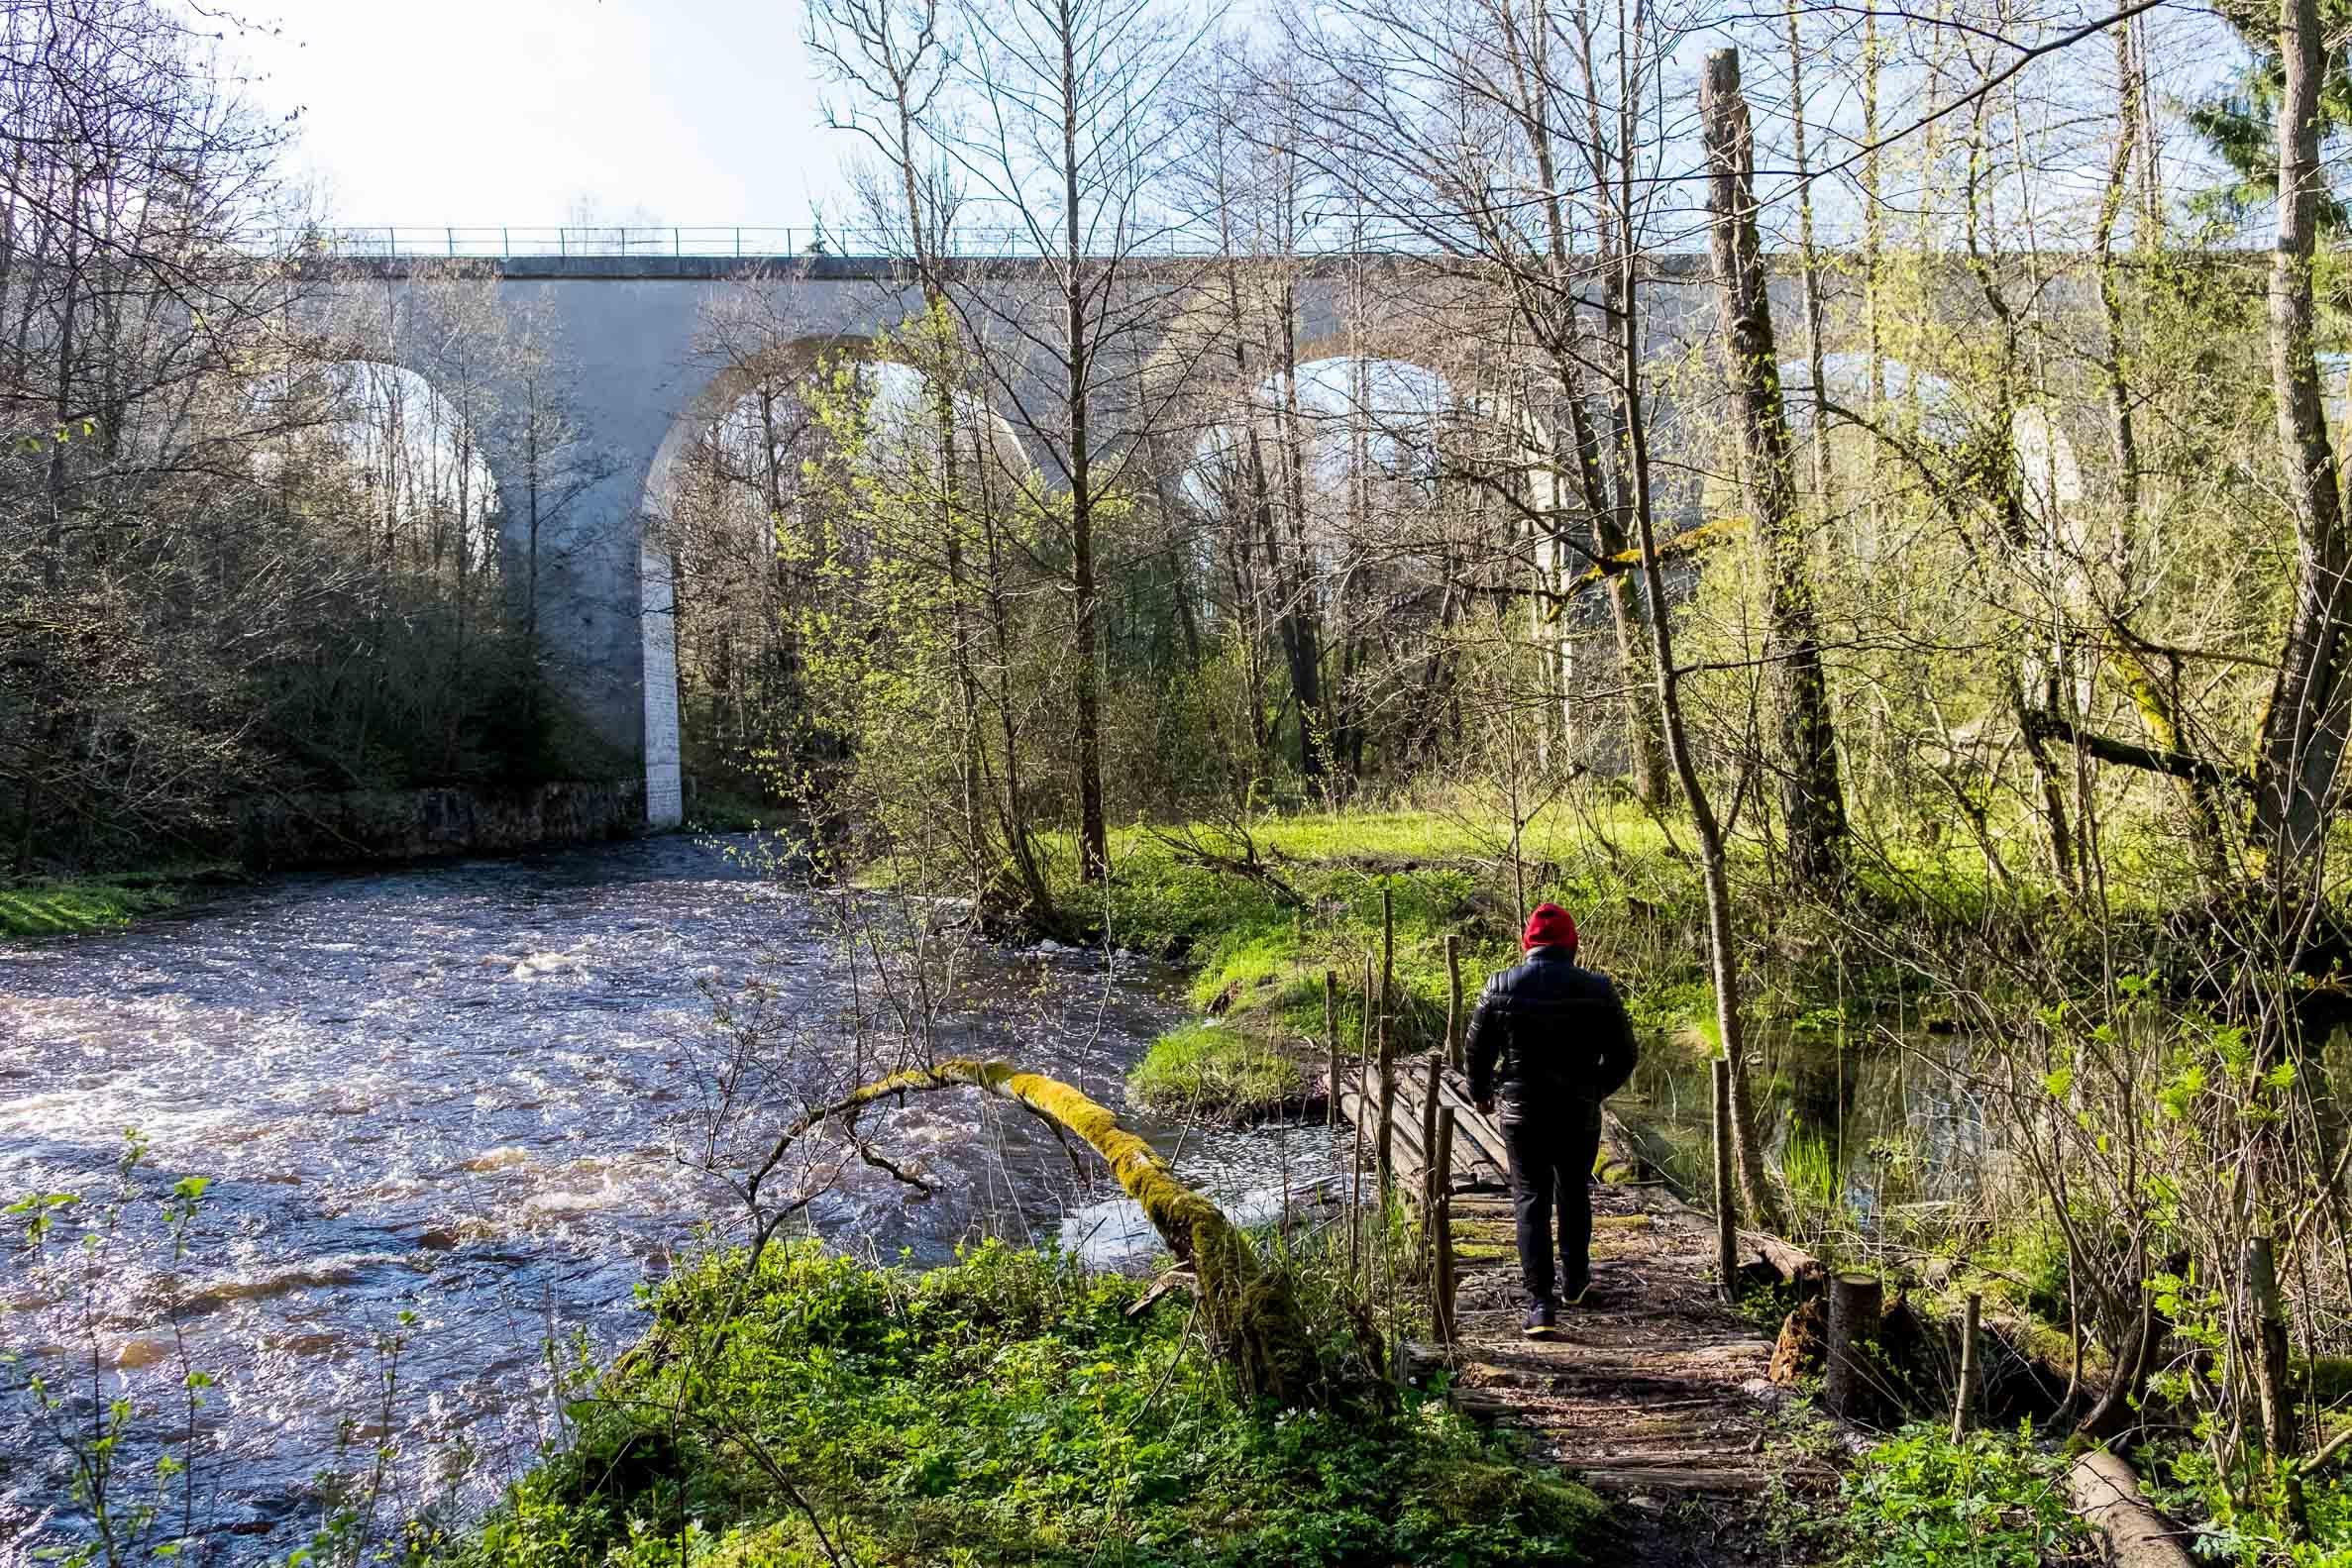 bridge in tokarevka